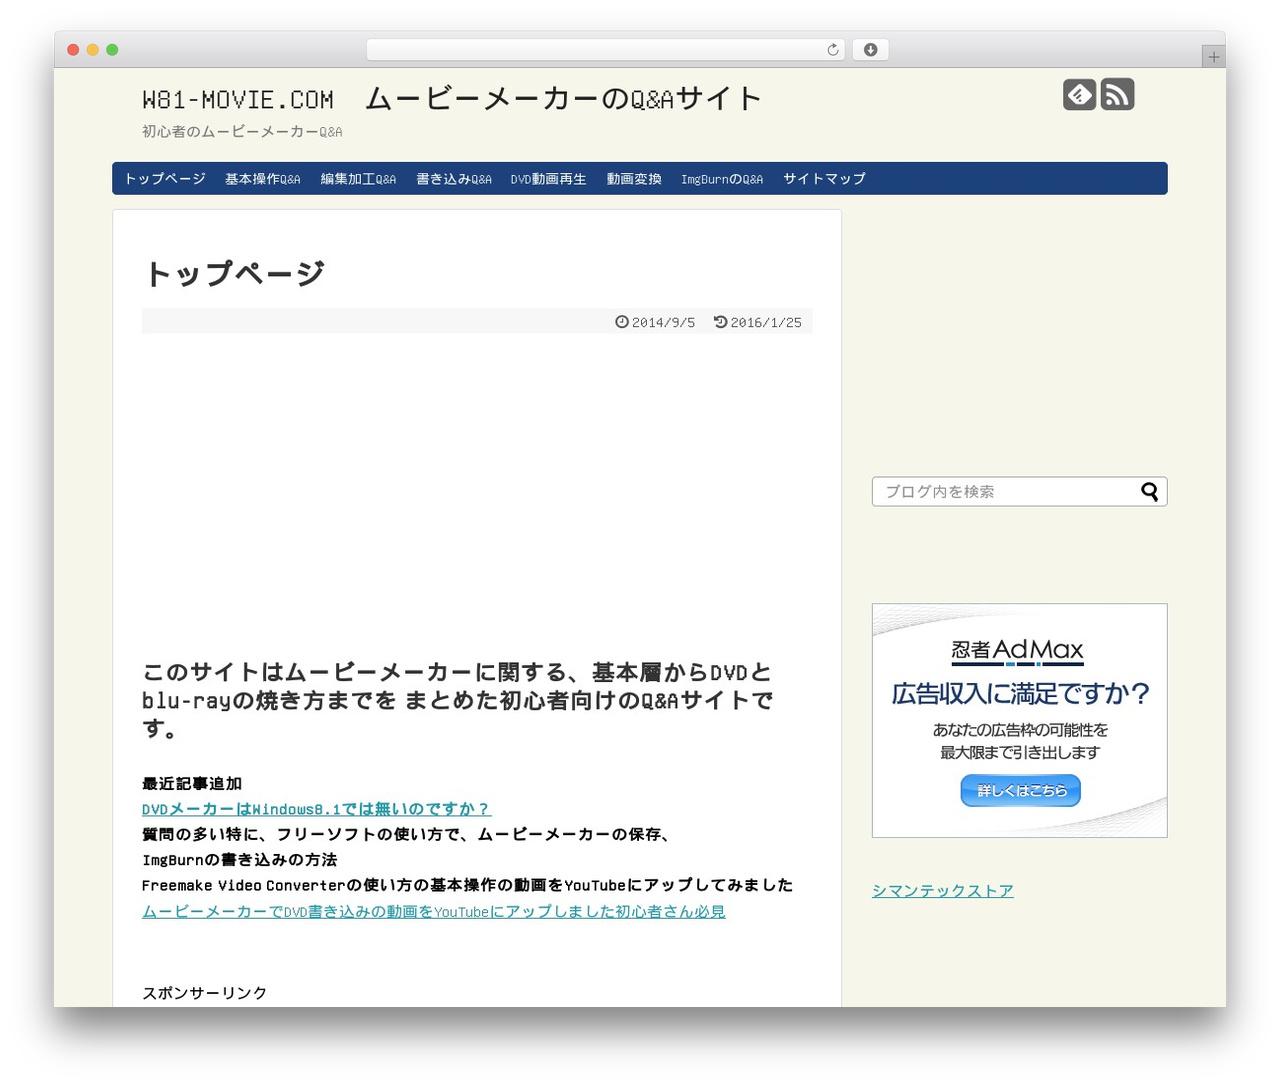 Simplicity2.0.2 WordPress movie theme - w81-movie.com